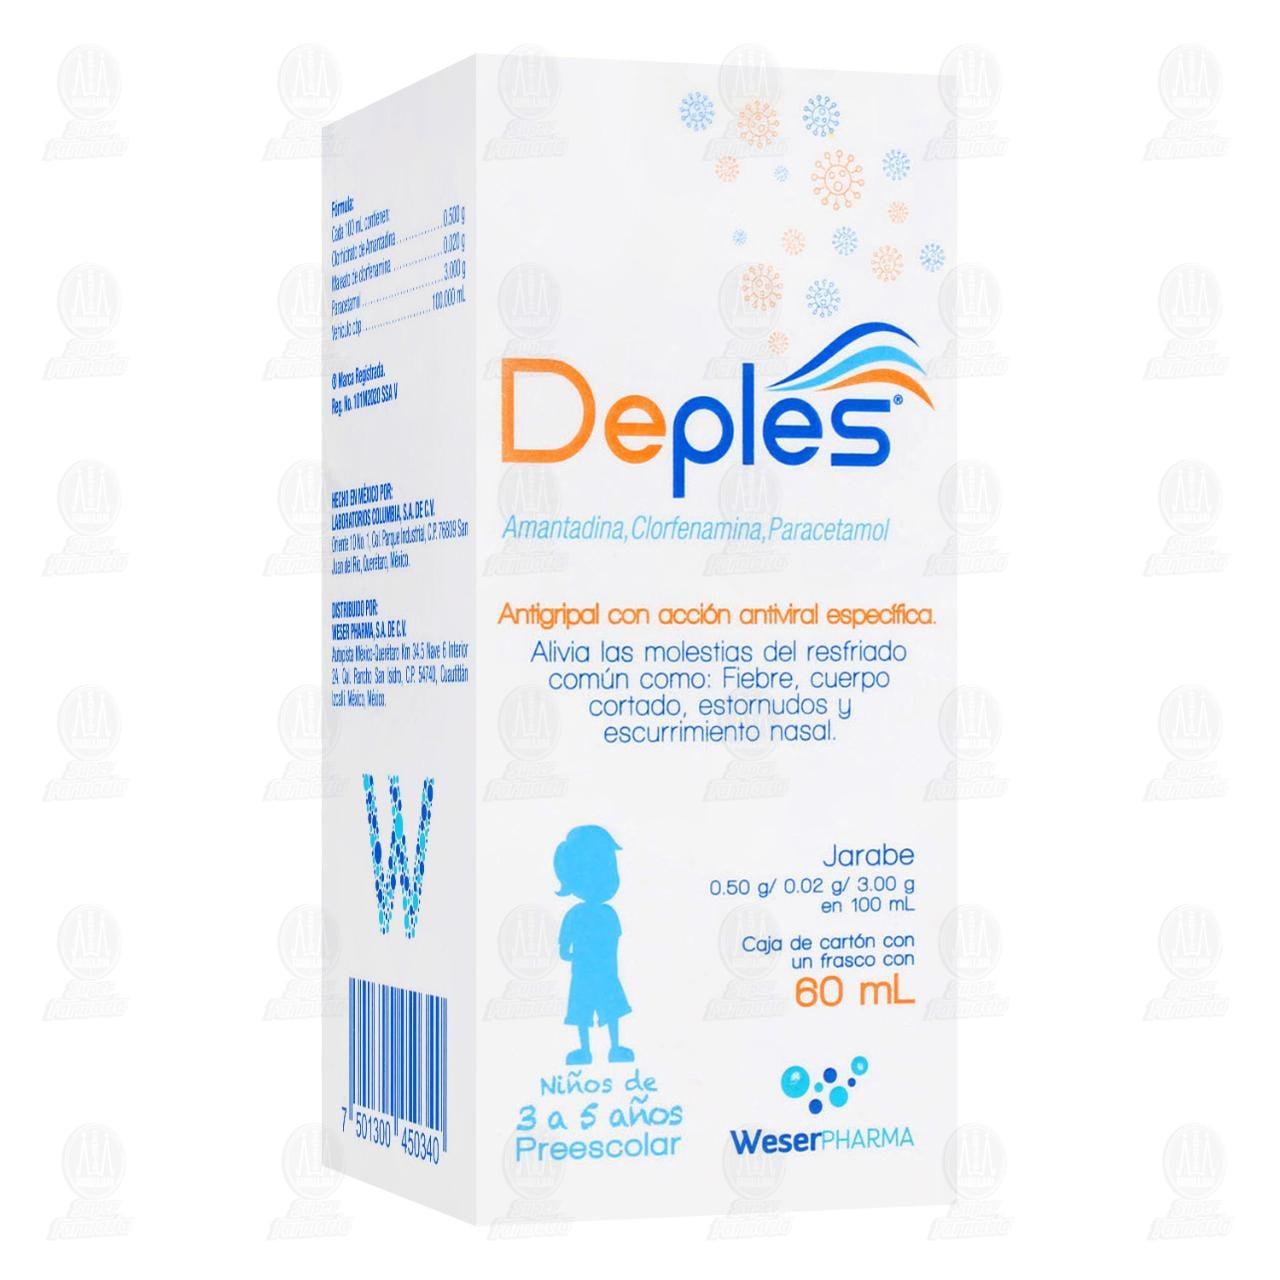 Comprar Deples Prescolar .50/.02/3G Jarabe 60ml en Farmacias Guadalajara